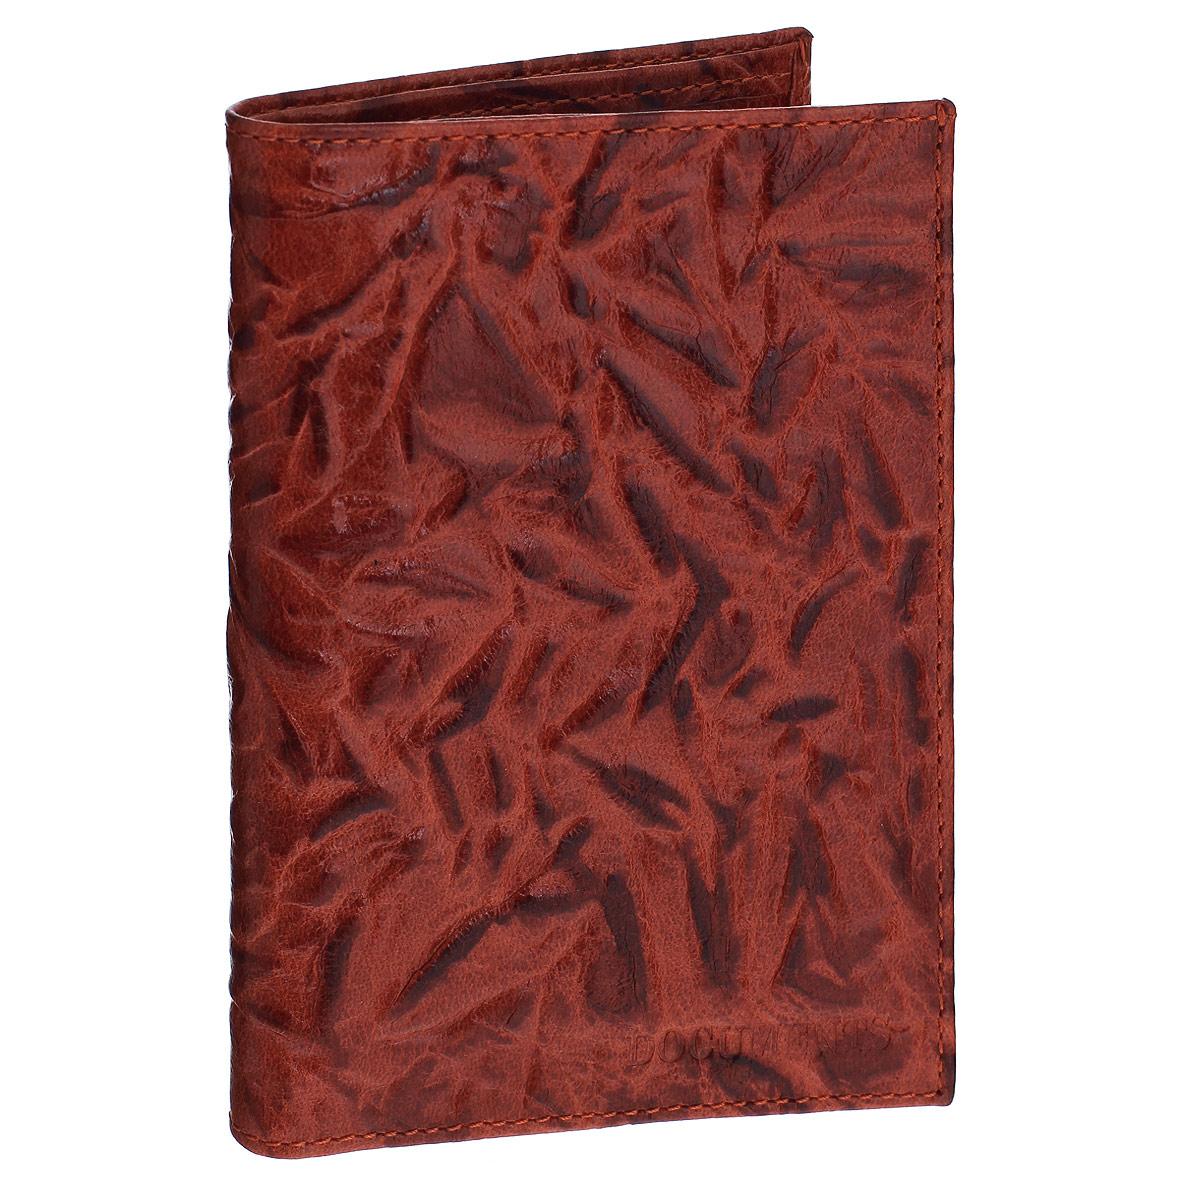 Бумажник водителя Askent Donna, цвет: коричнево-красный. BV.26.DN98293777Бумажник водителя Askent Donna выполнен из натуральной кожи с декоративным рельефным тиснением. Имеет внутри два кармана из кожи, отделение для купюр, семь прорезных карманов для кредитных карт и внутренний блок из прозрачного пластика (6 карманов).Такой бумажник станет отличным подарком для человека, ценящего качественные и необычные вещи.